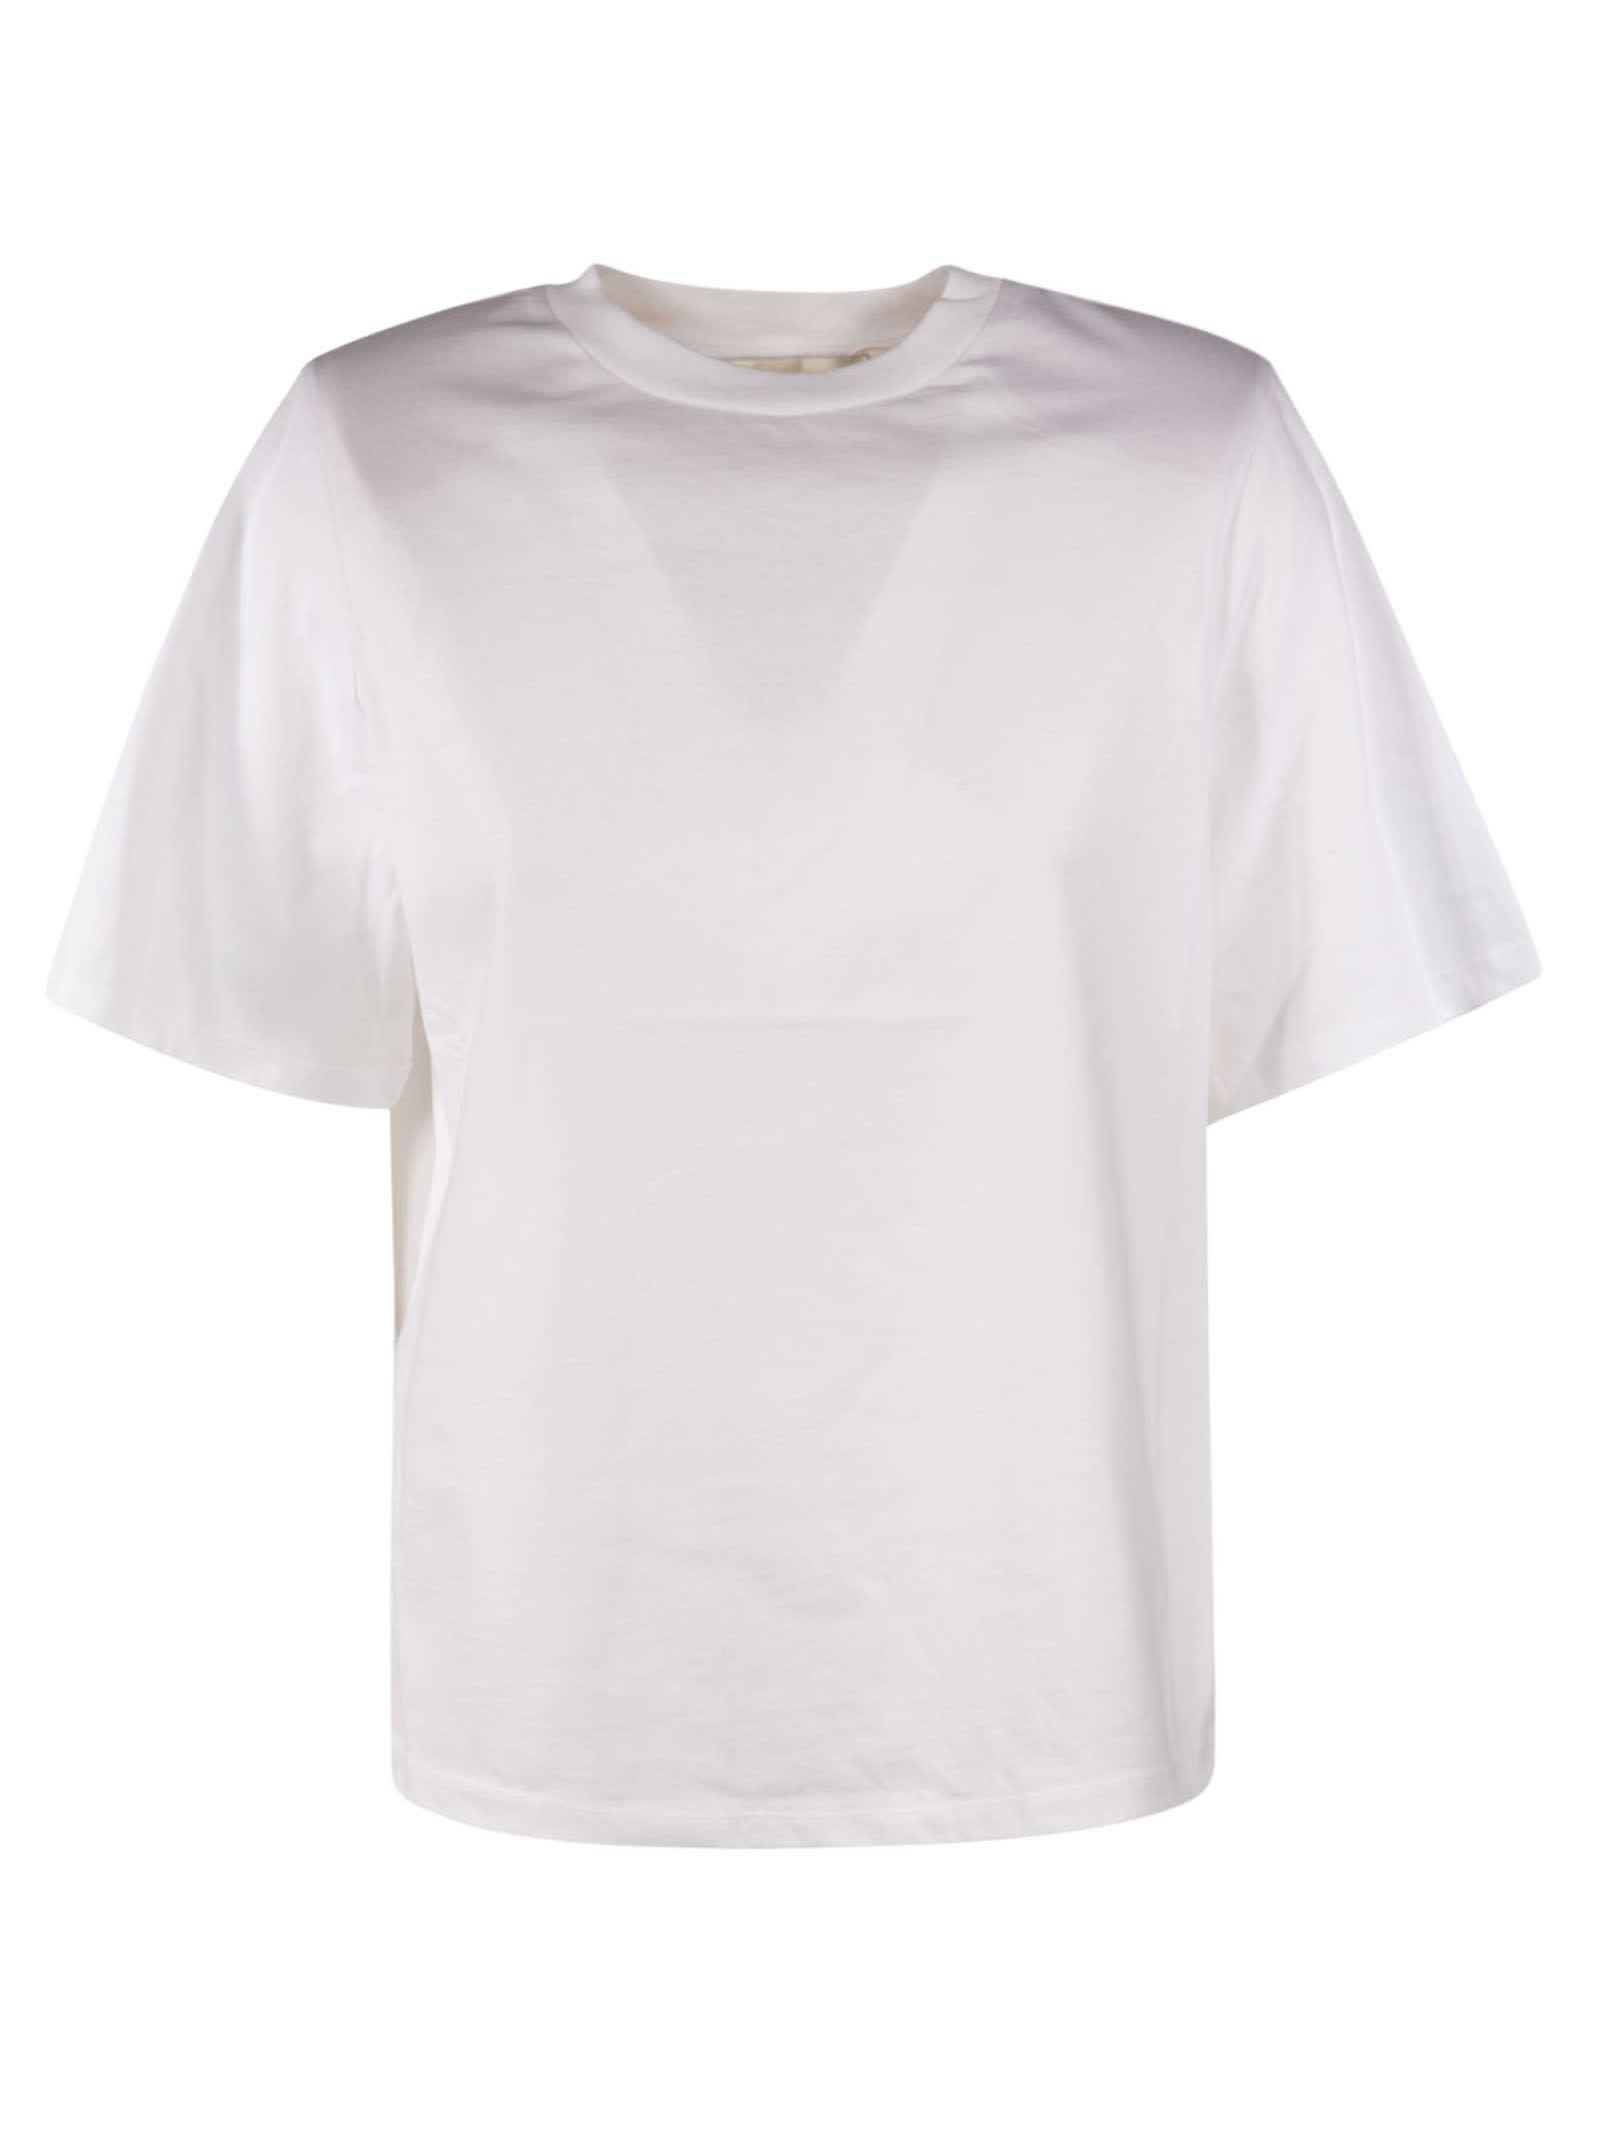 Lela Round Neck T-shirt